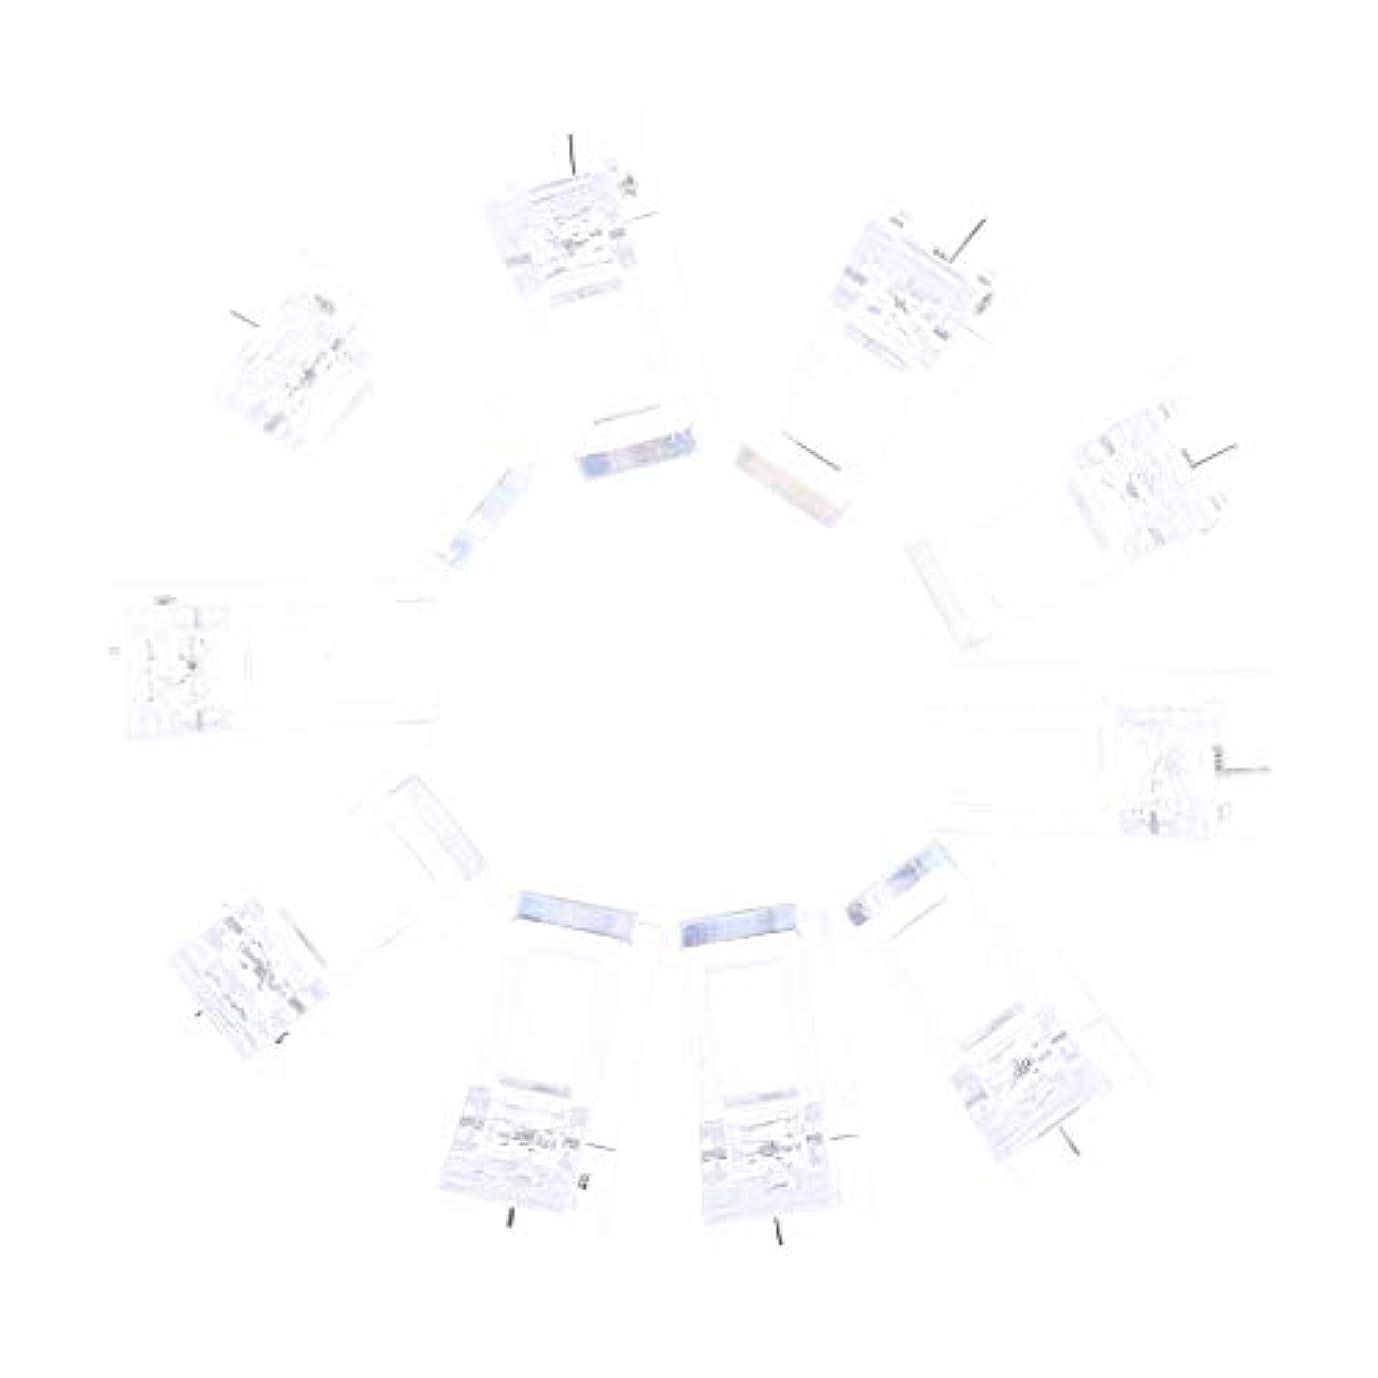 マーティンルーサーキングジュニア電池非武装化ネイルクリップ ネイル固定クリップ ネイルチップ ネイルアート UVゲルビルダツール 10個入り